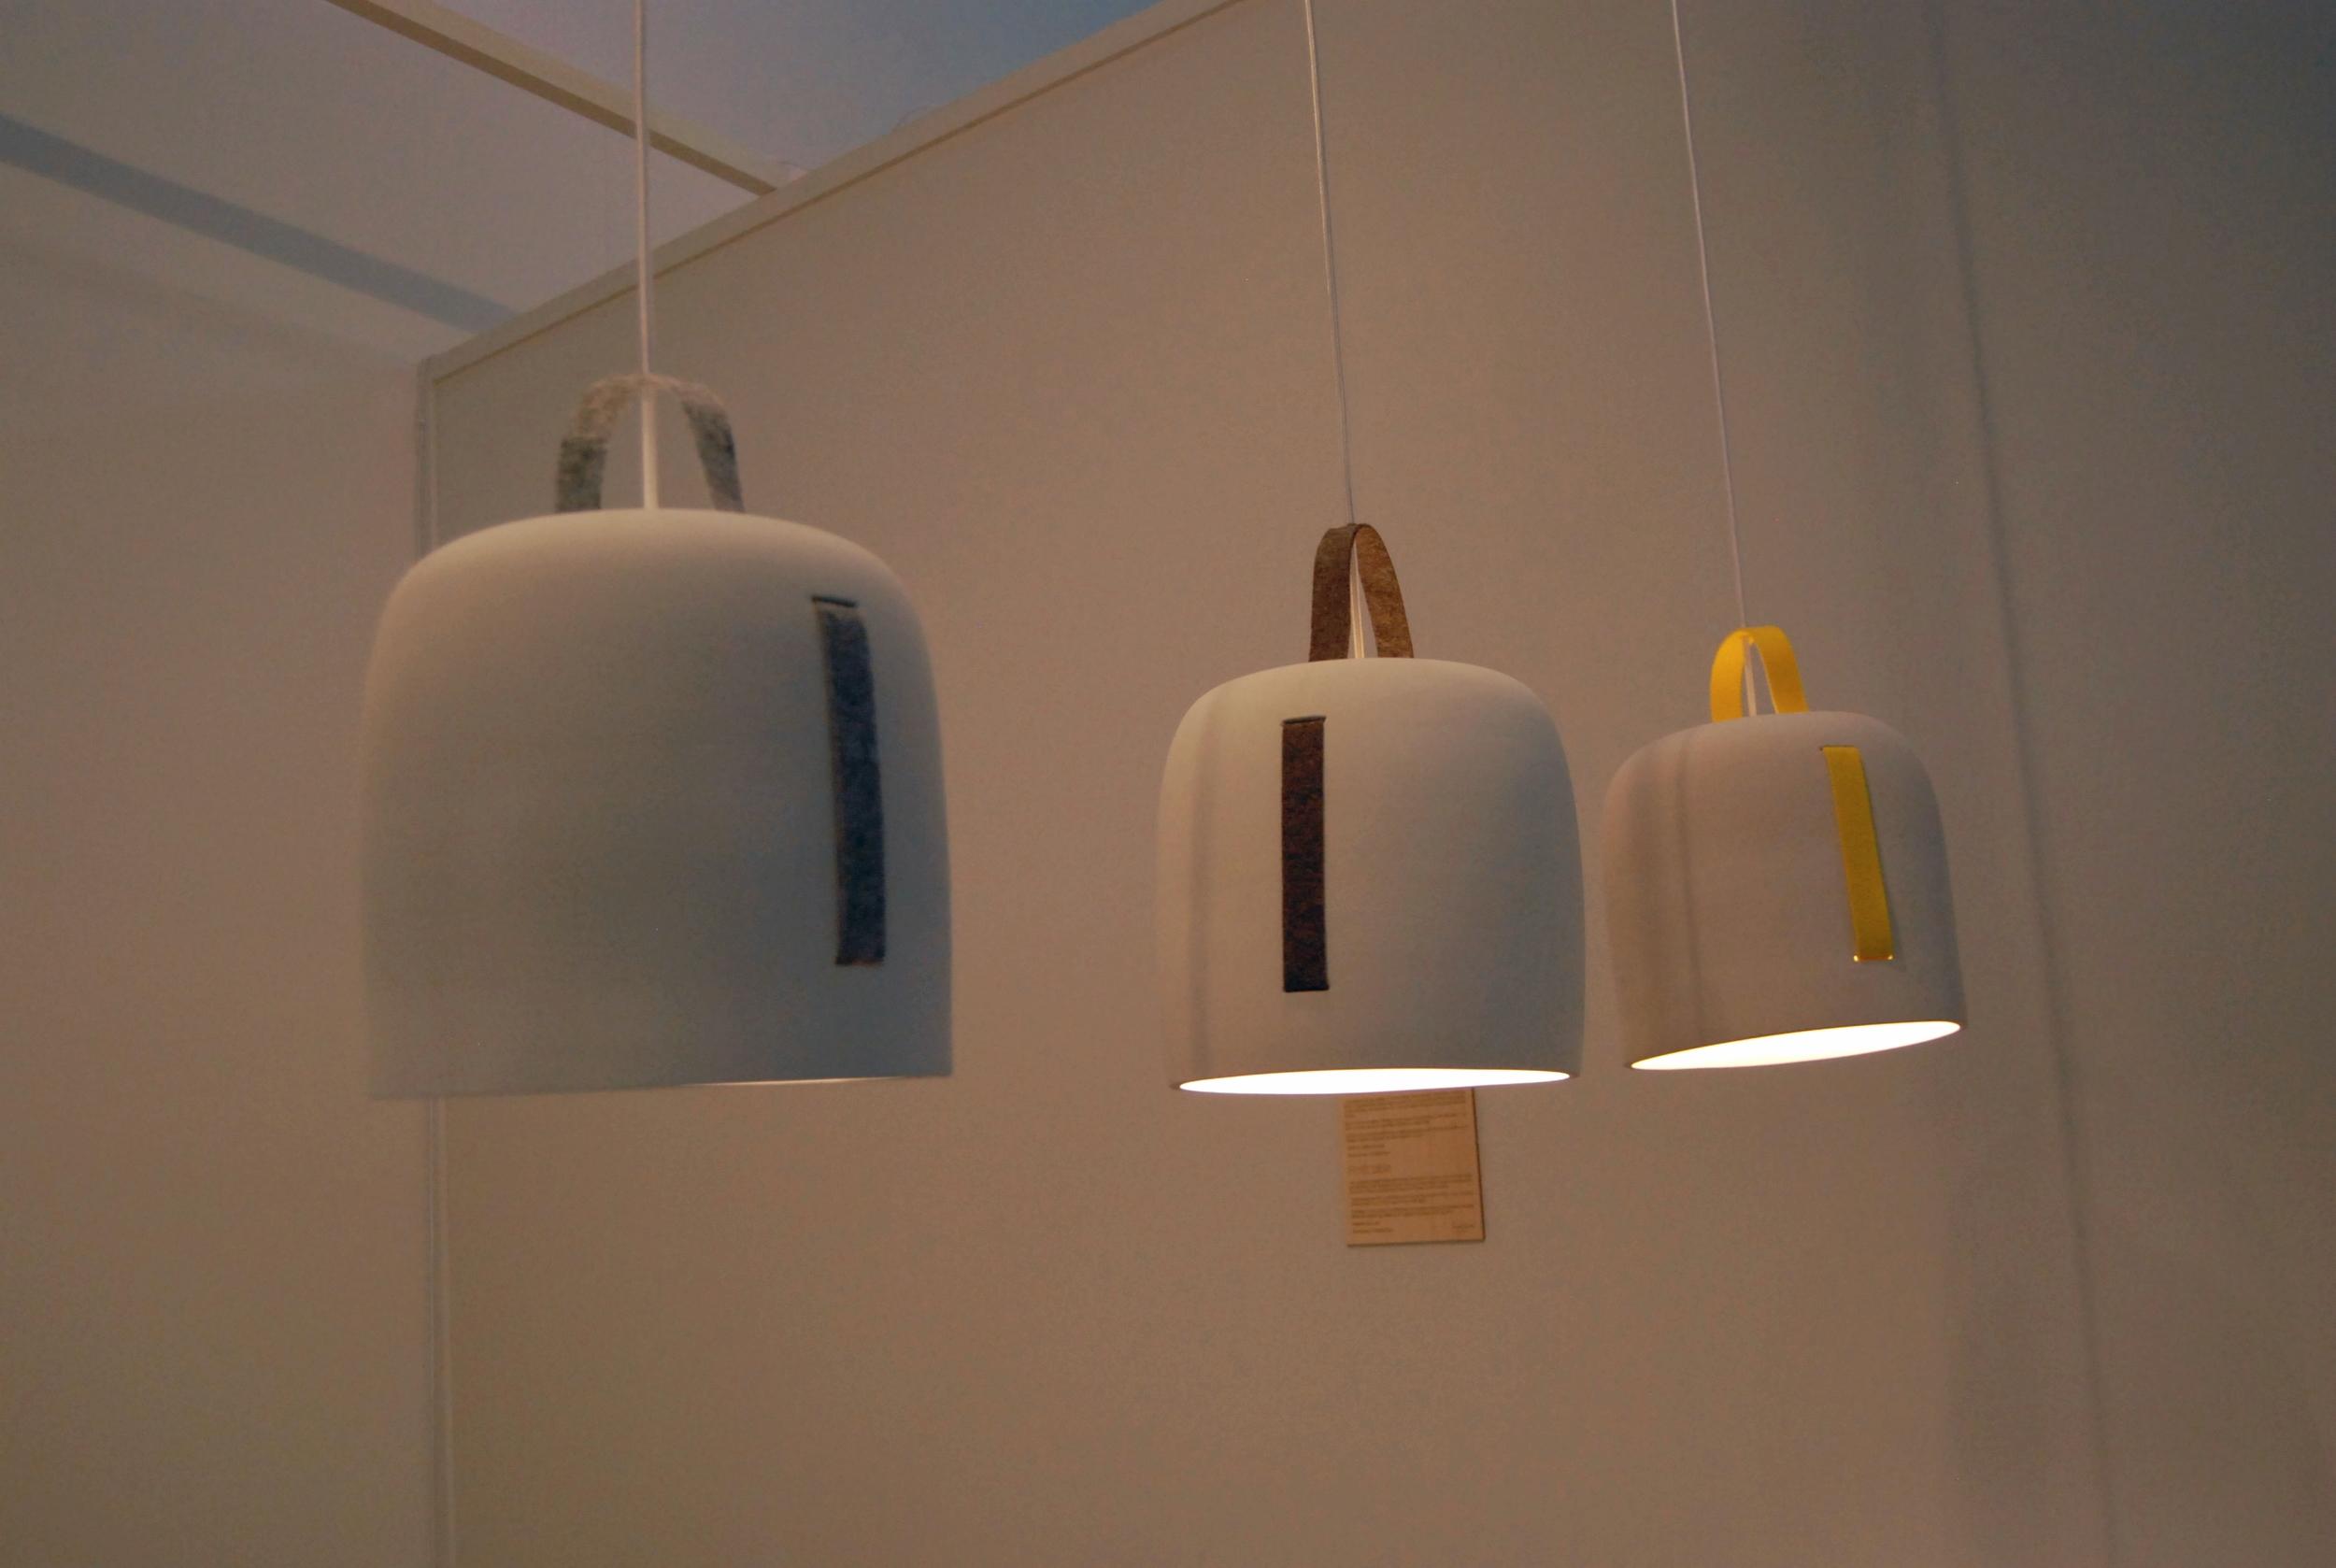 Lámparas de Silvia Ceñal Idarreta